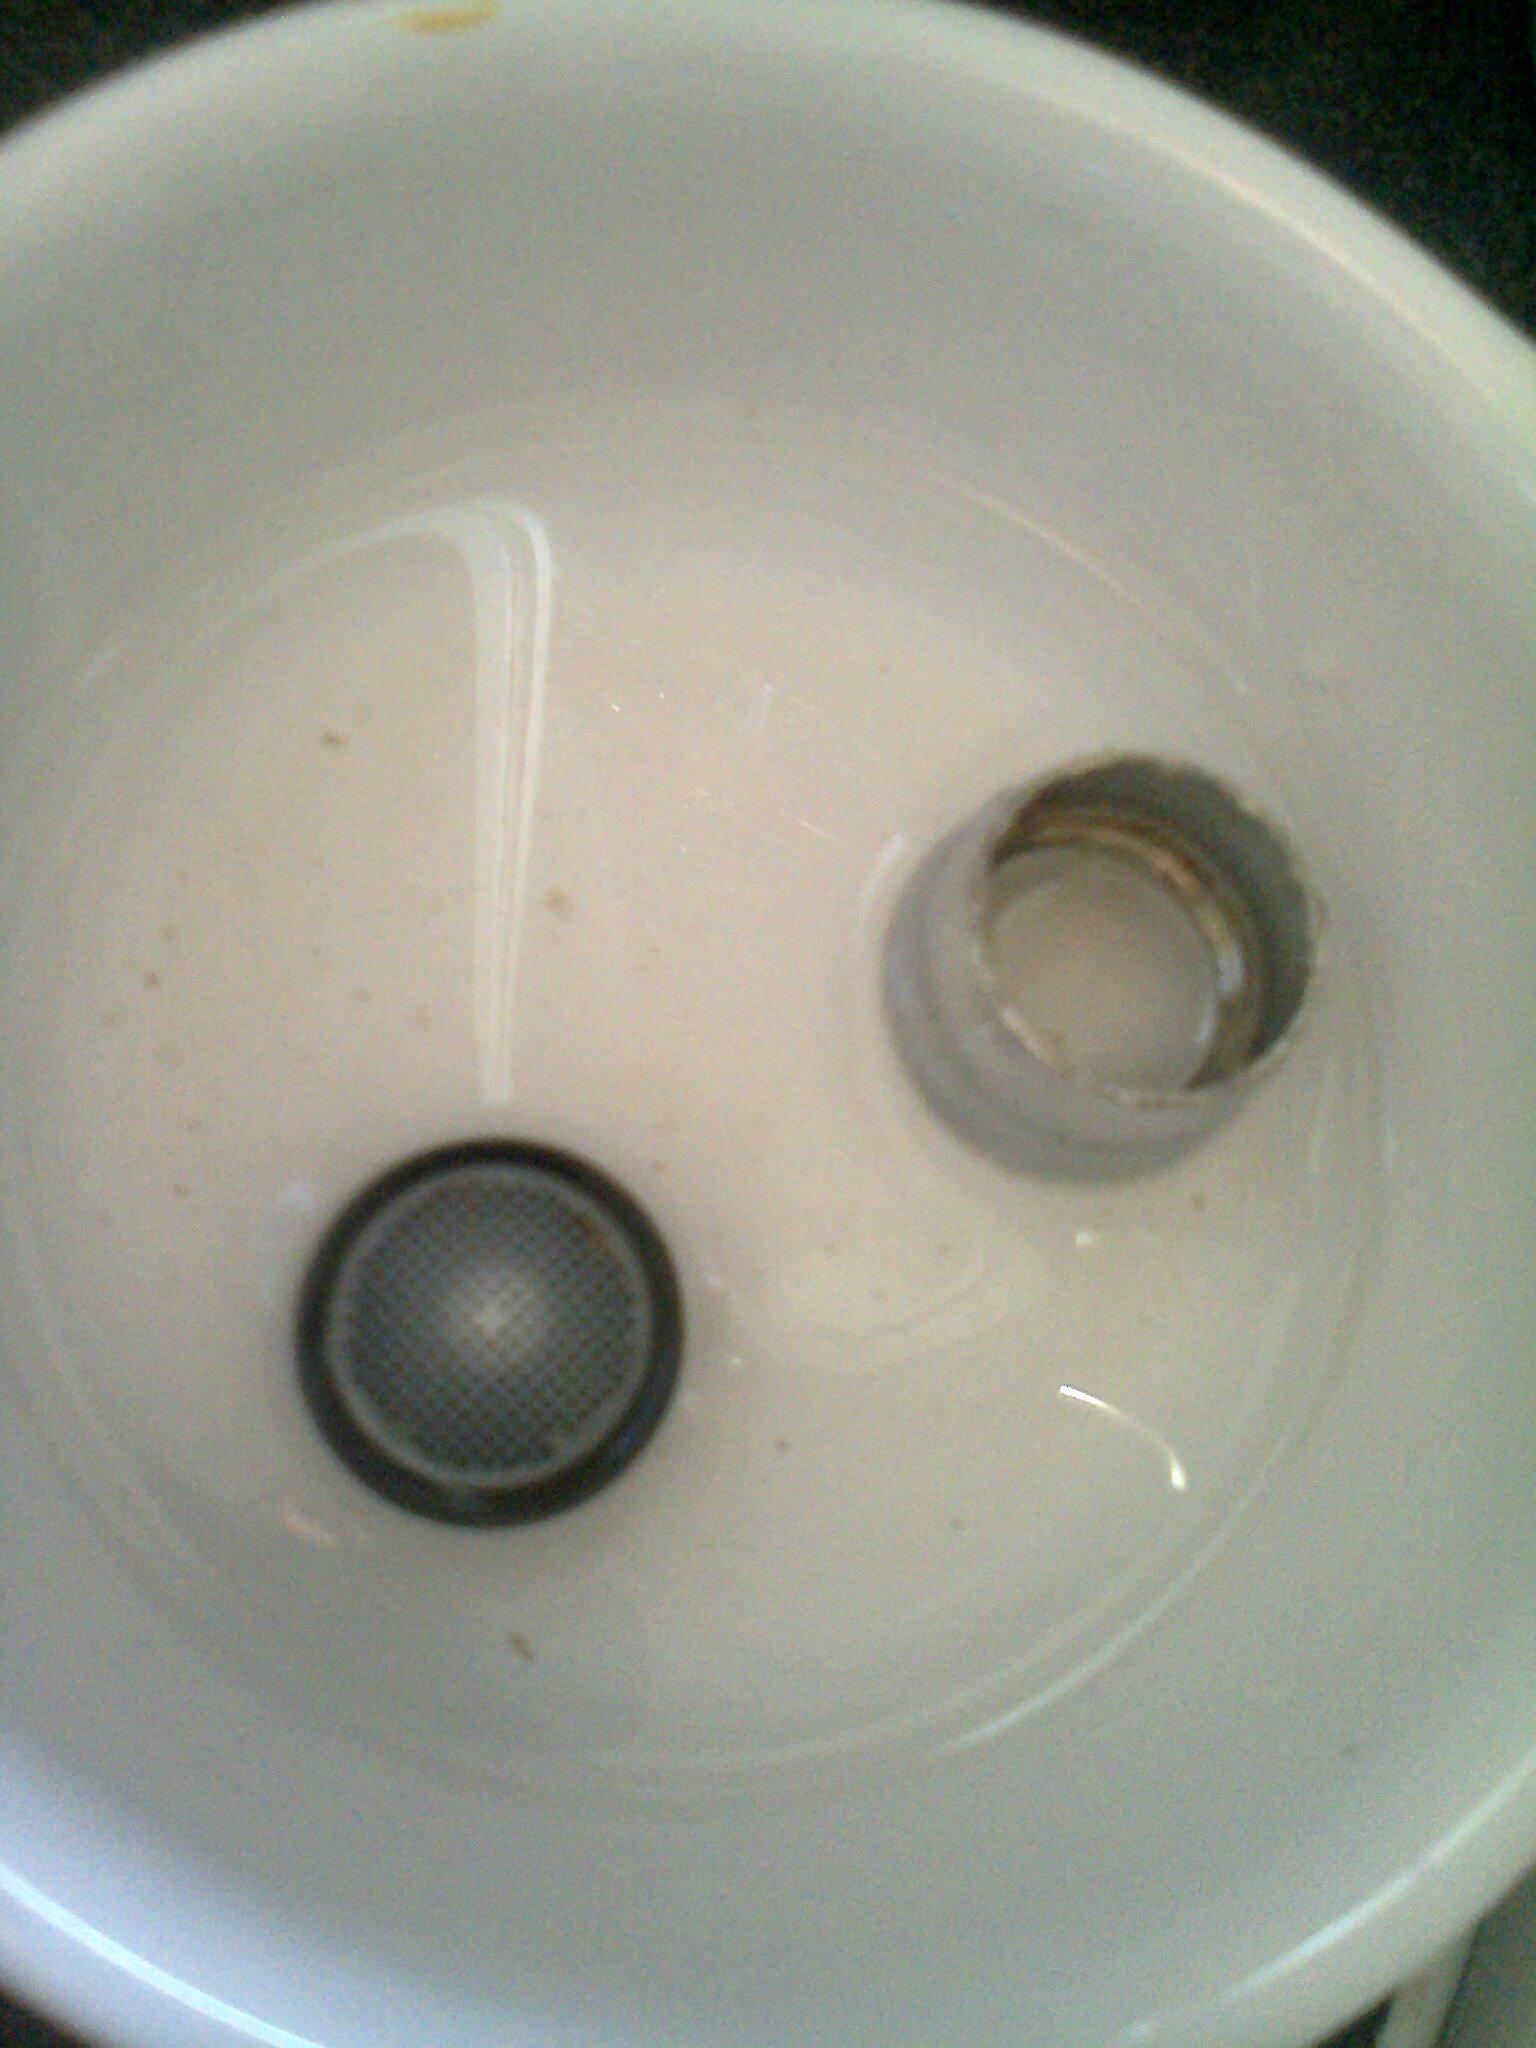 vinaigre blanc contre le calcaire des mousseurs de robinet. Black Bedroom Furniture Sets. Home Design Ideas